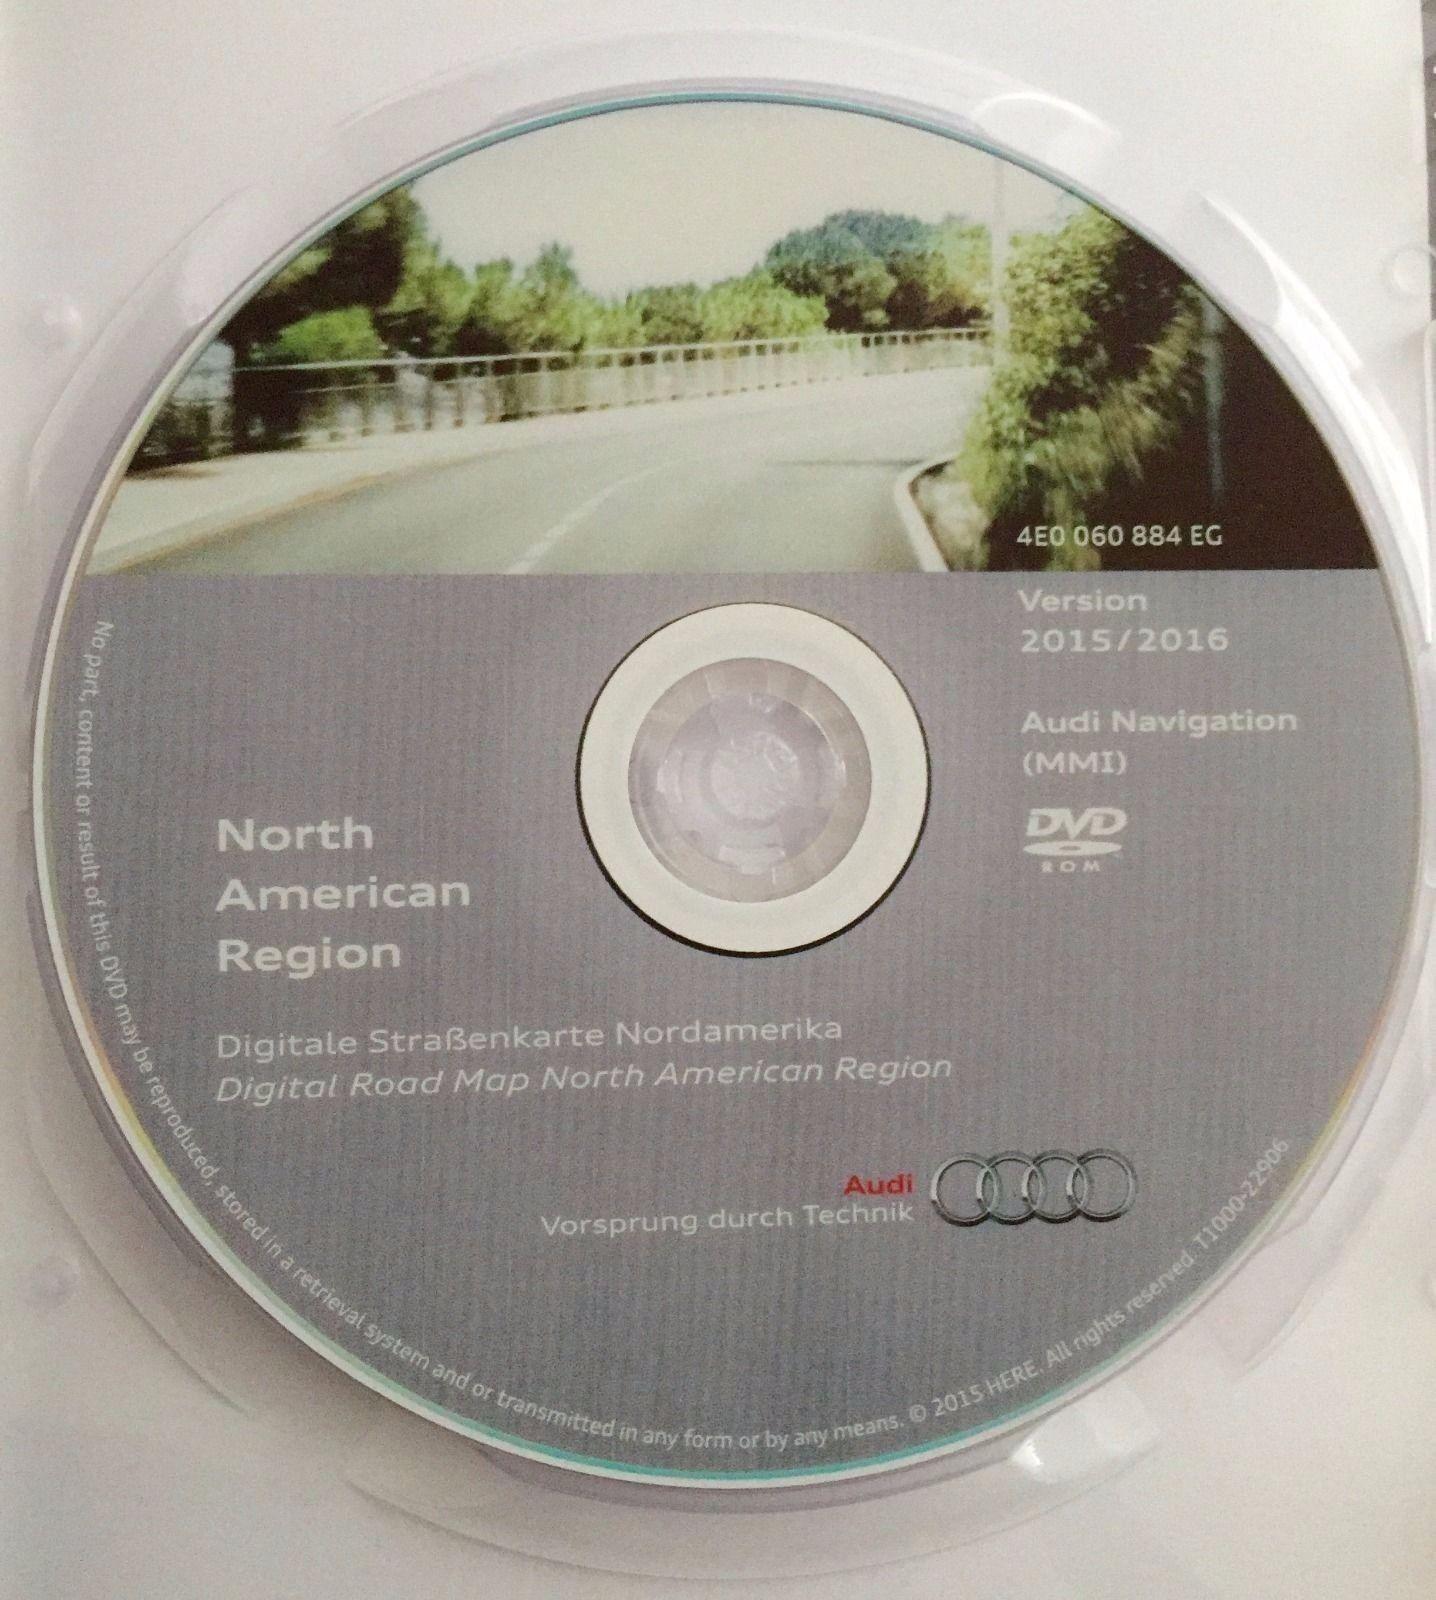 2016 audi mmi 2g navigation software update cd dvd north. Black Bedroom Furniture Sets. Home Design Ideas